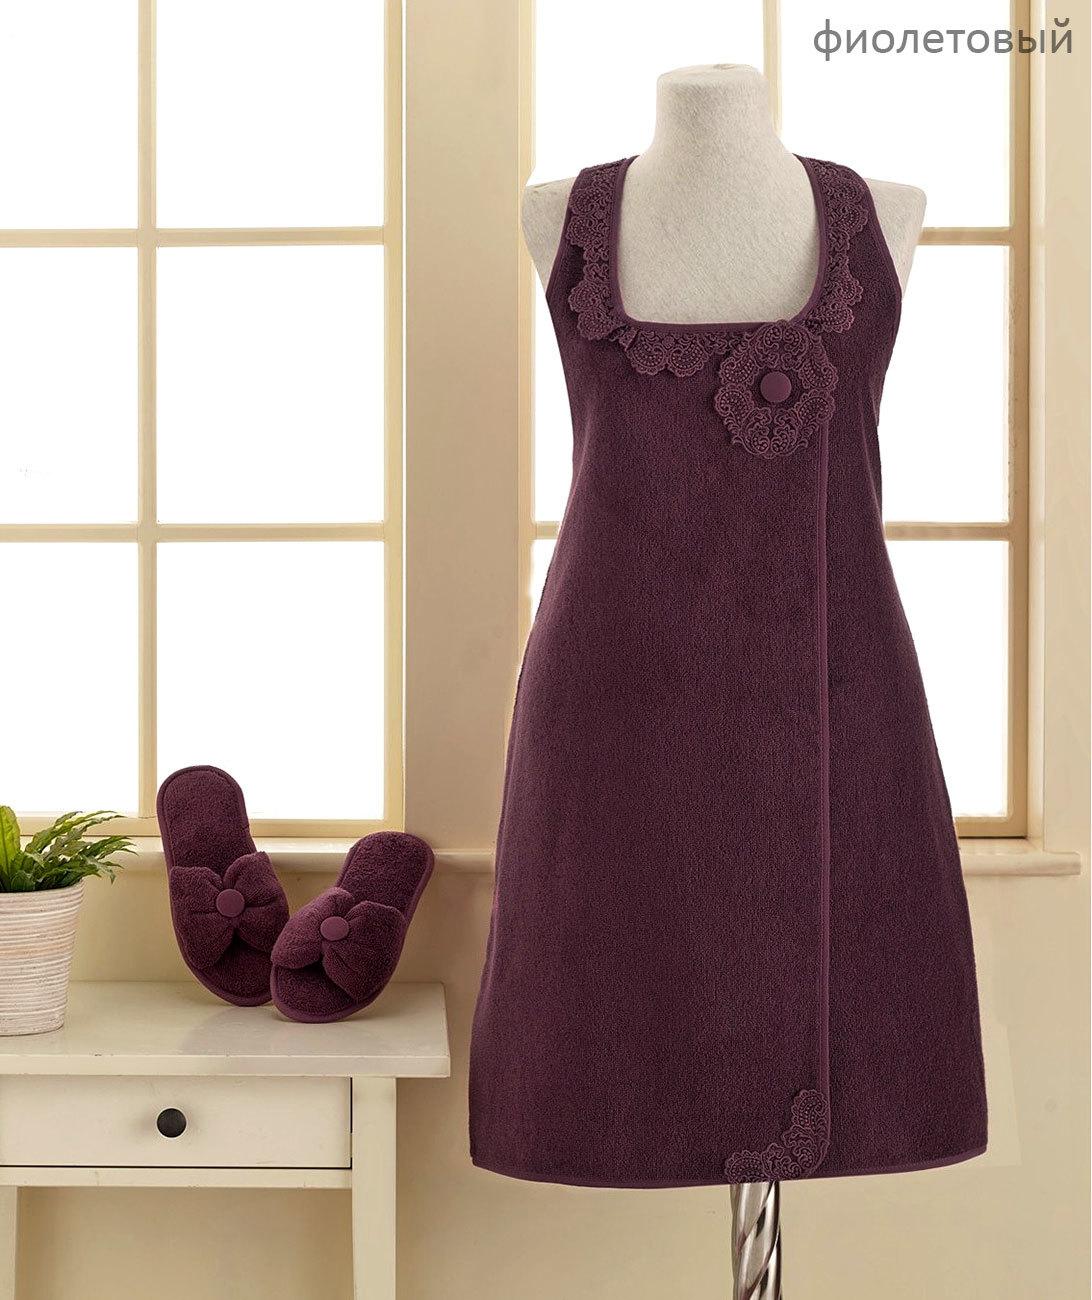 Наборы для Сауны Набор женский для сауны 3 предмета  IRIS  фиолетовый Soft cotton Турция iris-osn-nabor-dop2-sauny-soft.jpg